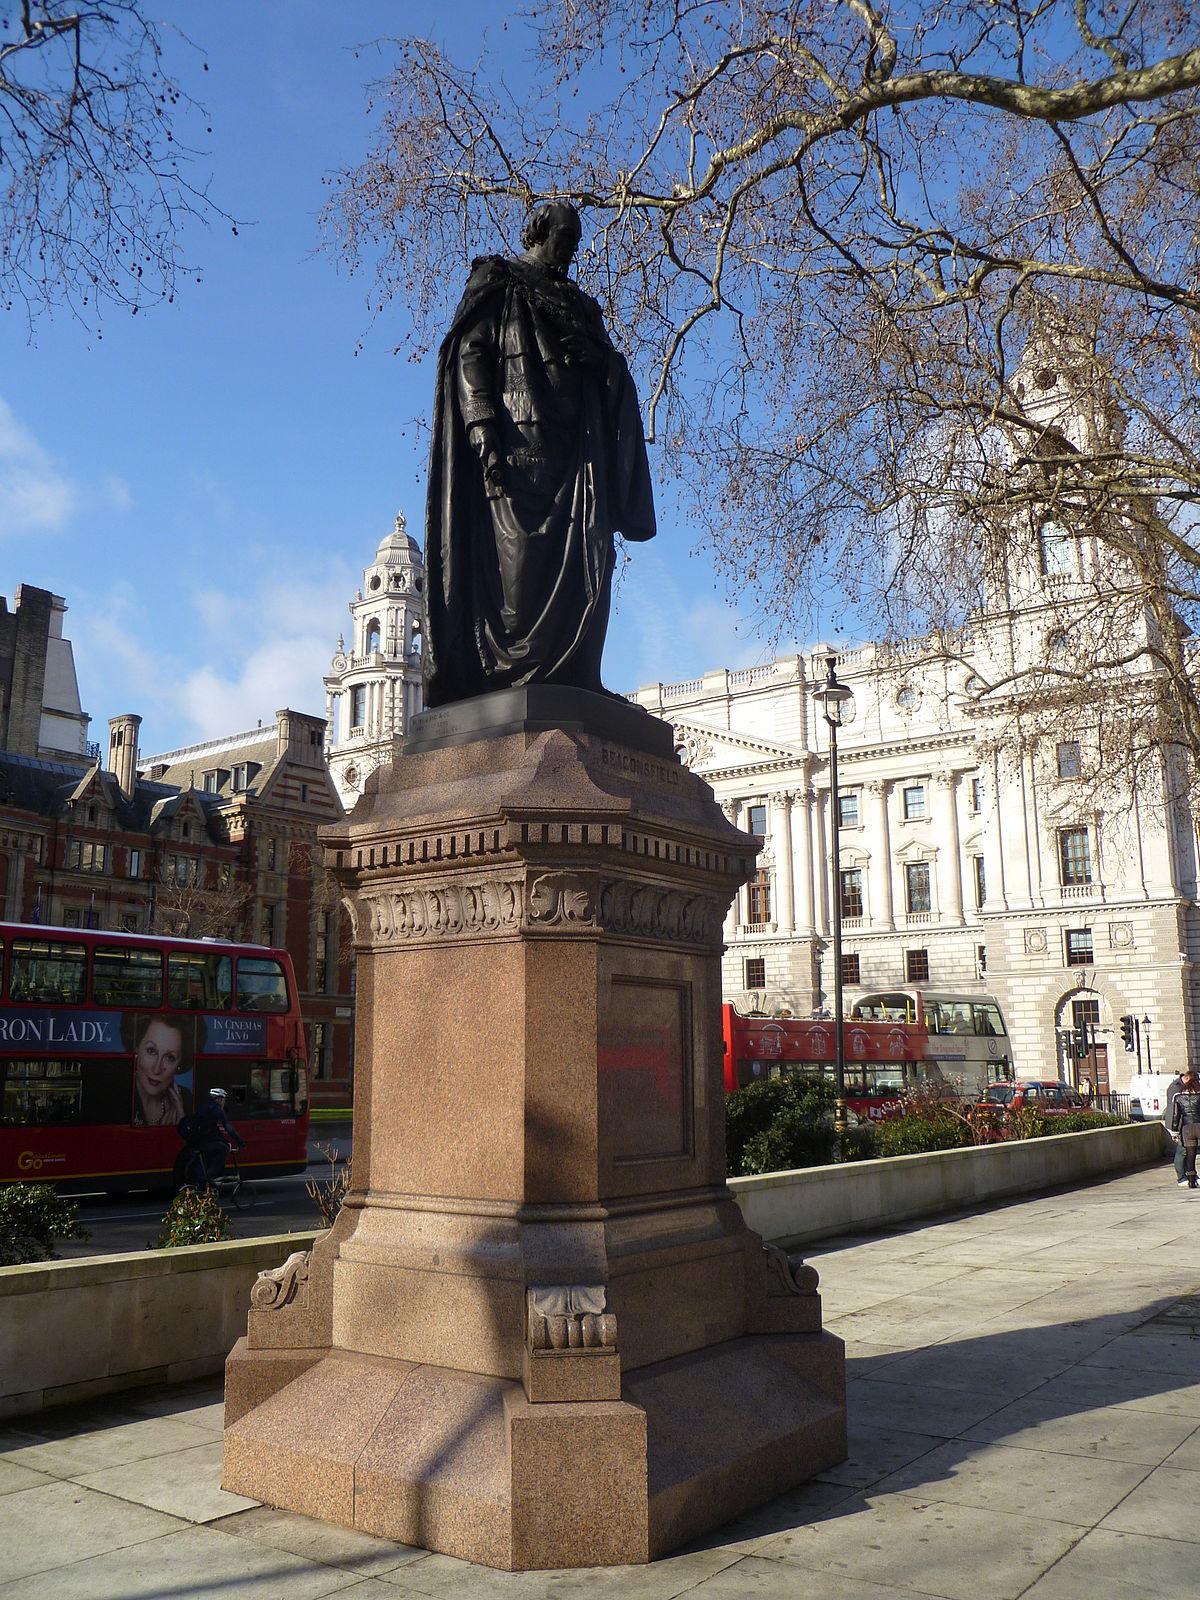 Statue of Benjamin Disraeli Parliament Square  Wikipedia